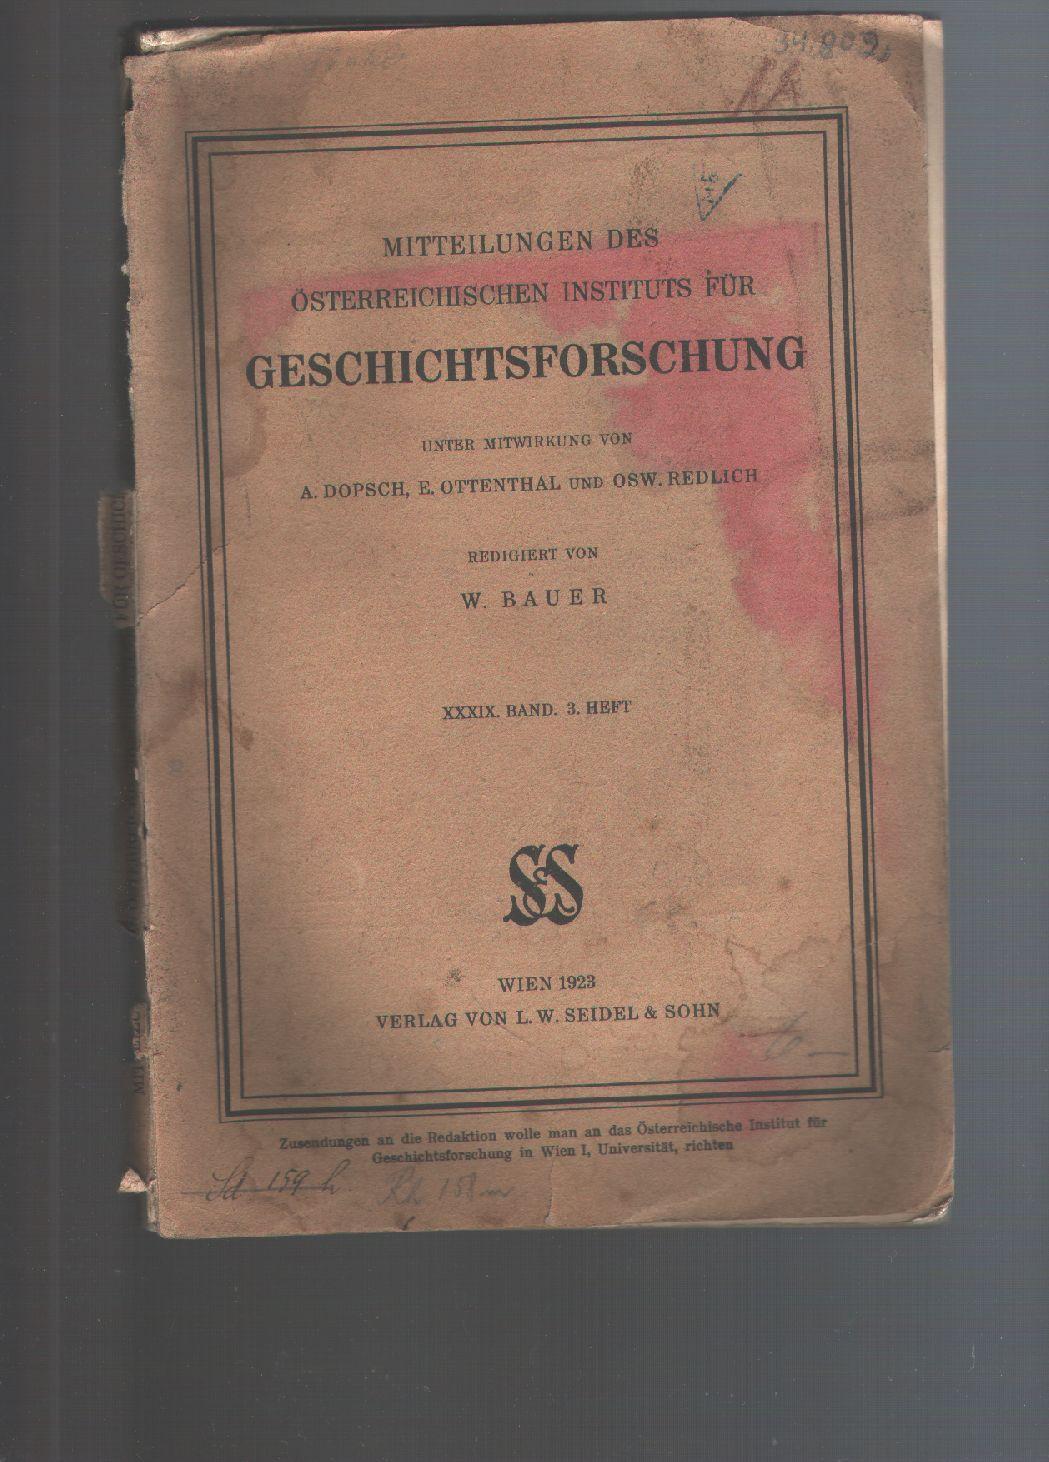 Mitteilungen des Österreichischen Instituts für Geschichtsforschung 39: W Bauer